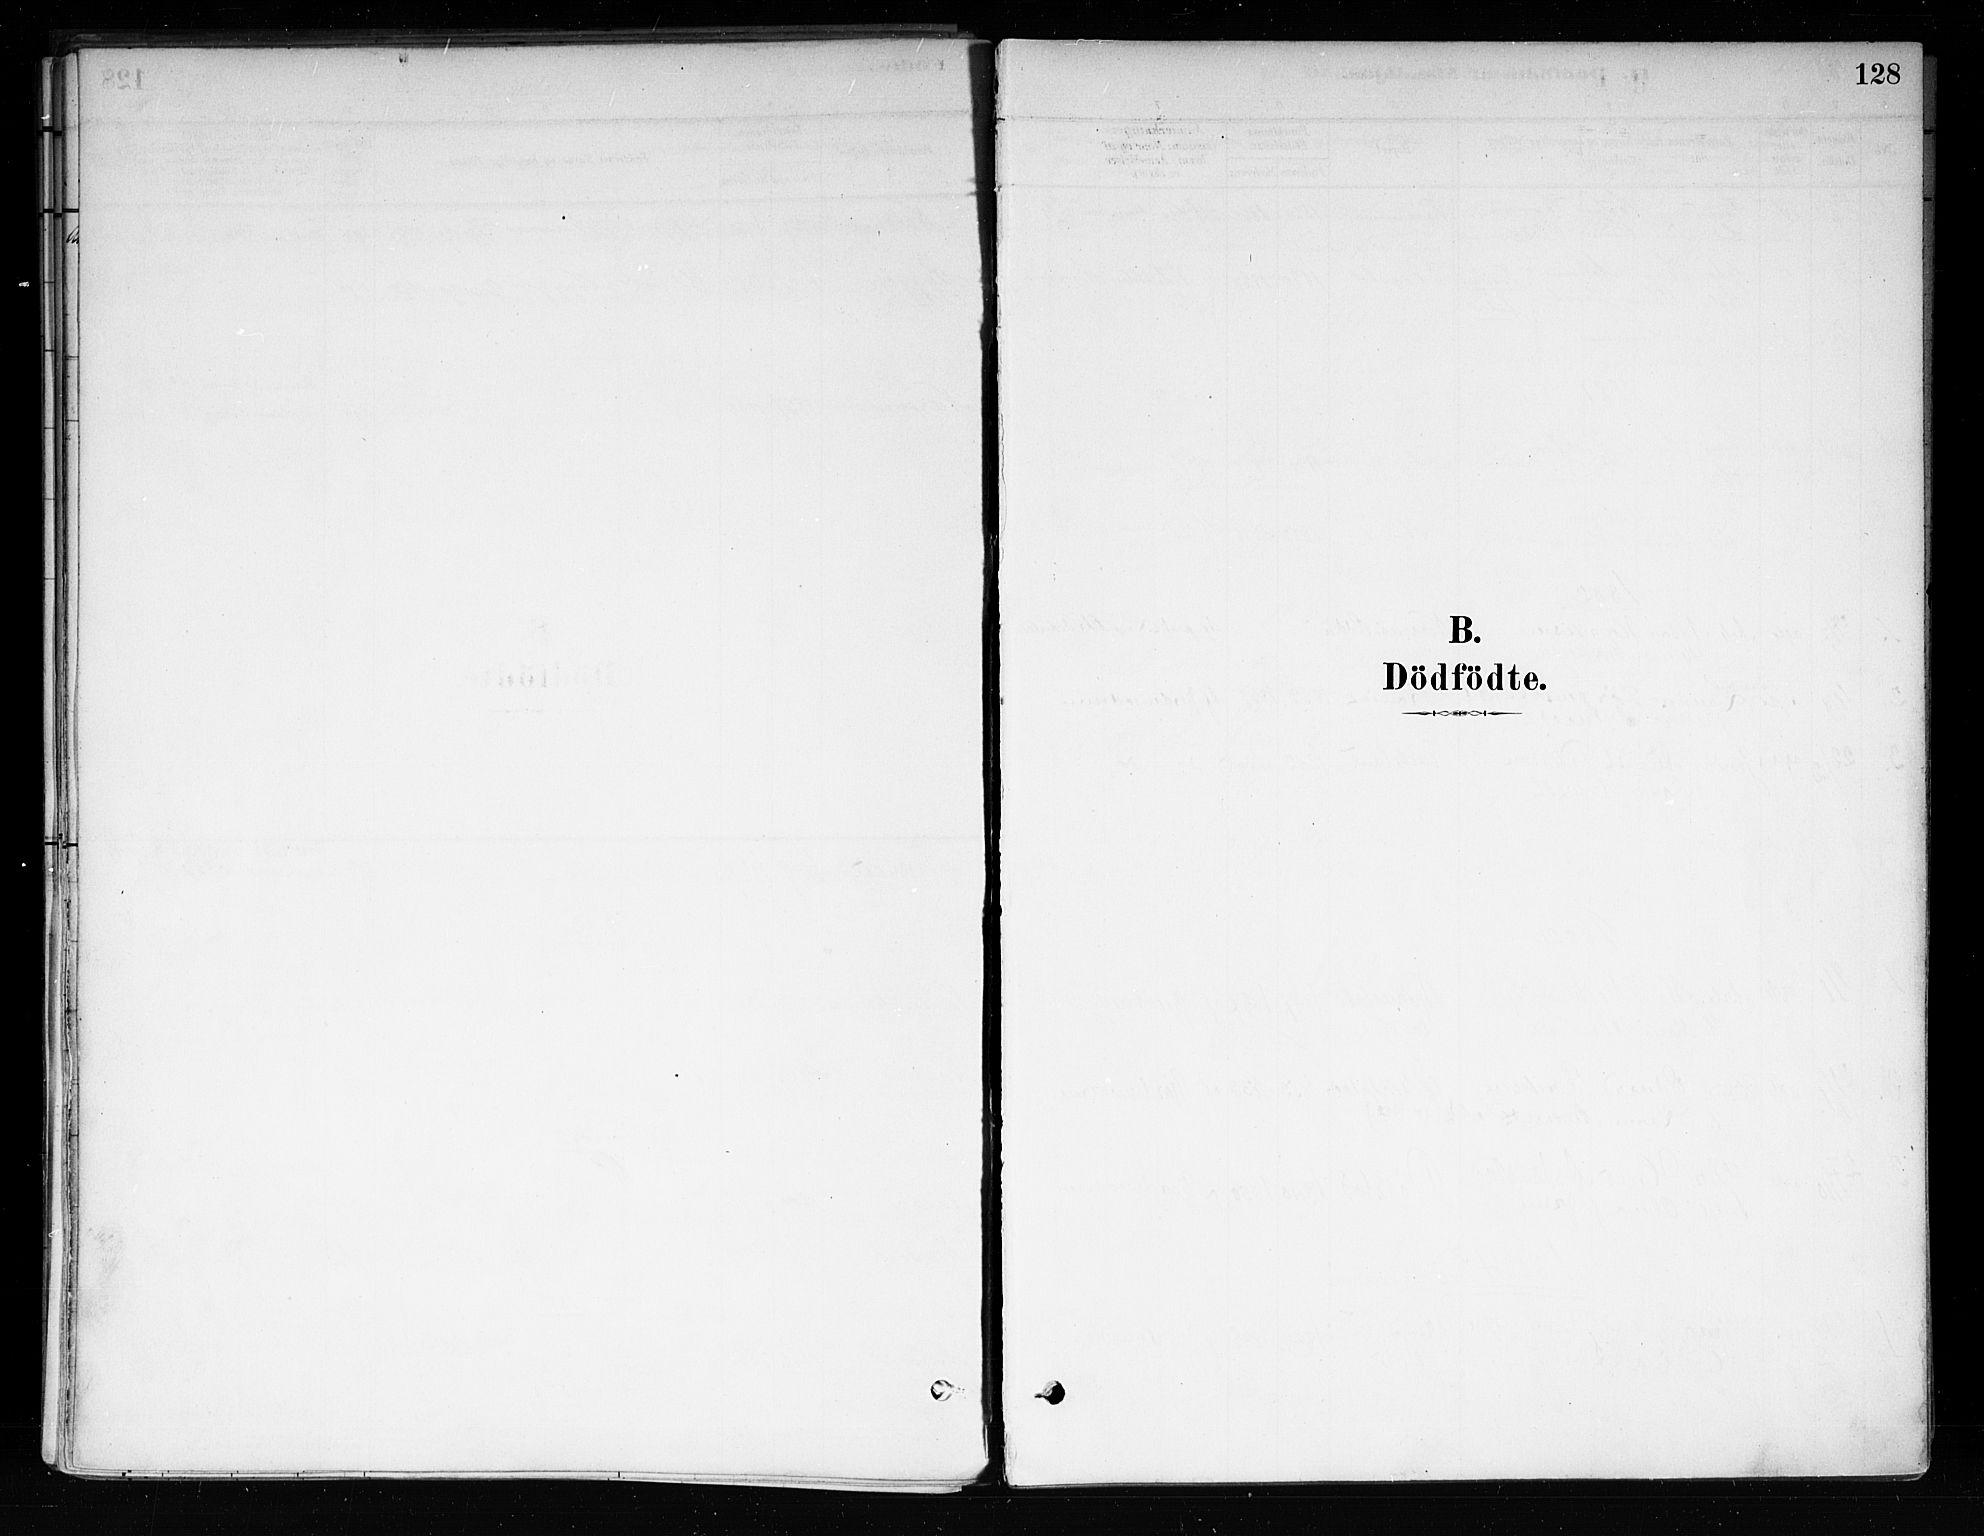 SAKO, Røyken kirkebøker, F/Fa/L0008: Ministerialbok nr. 8, 1880-1897, s. 128